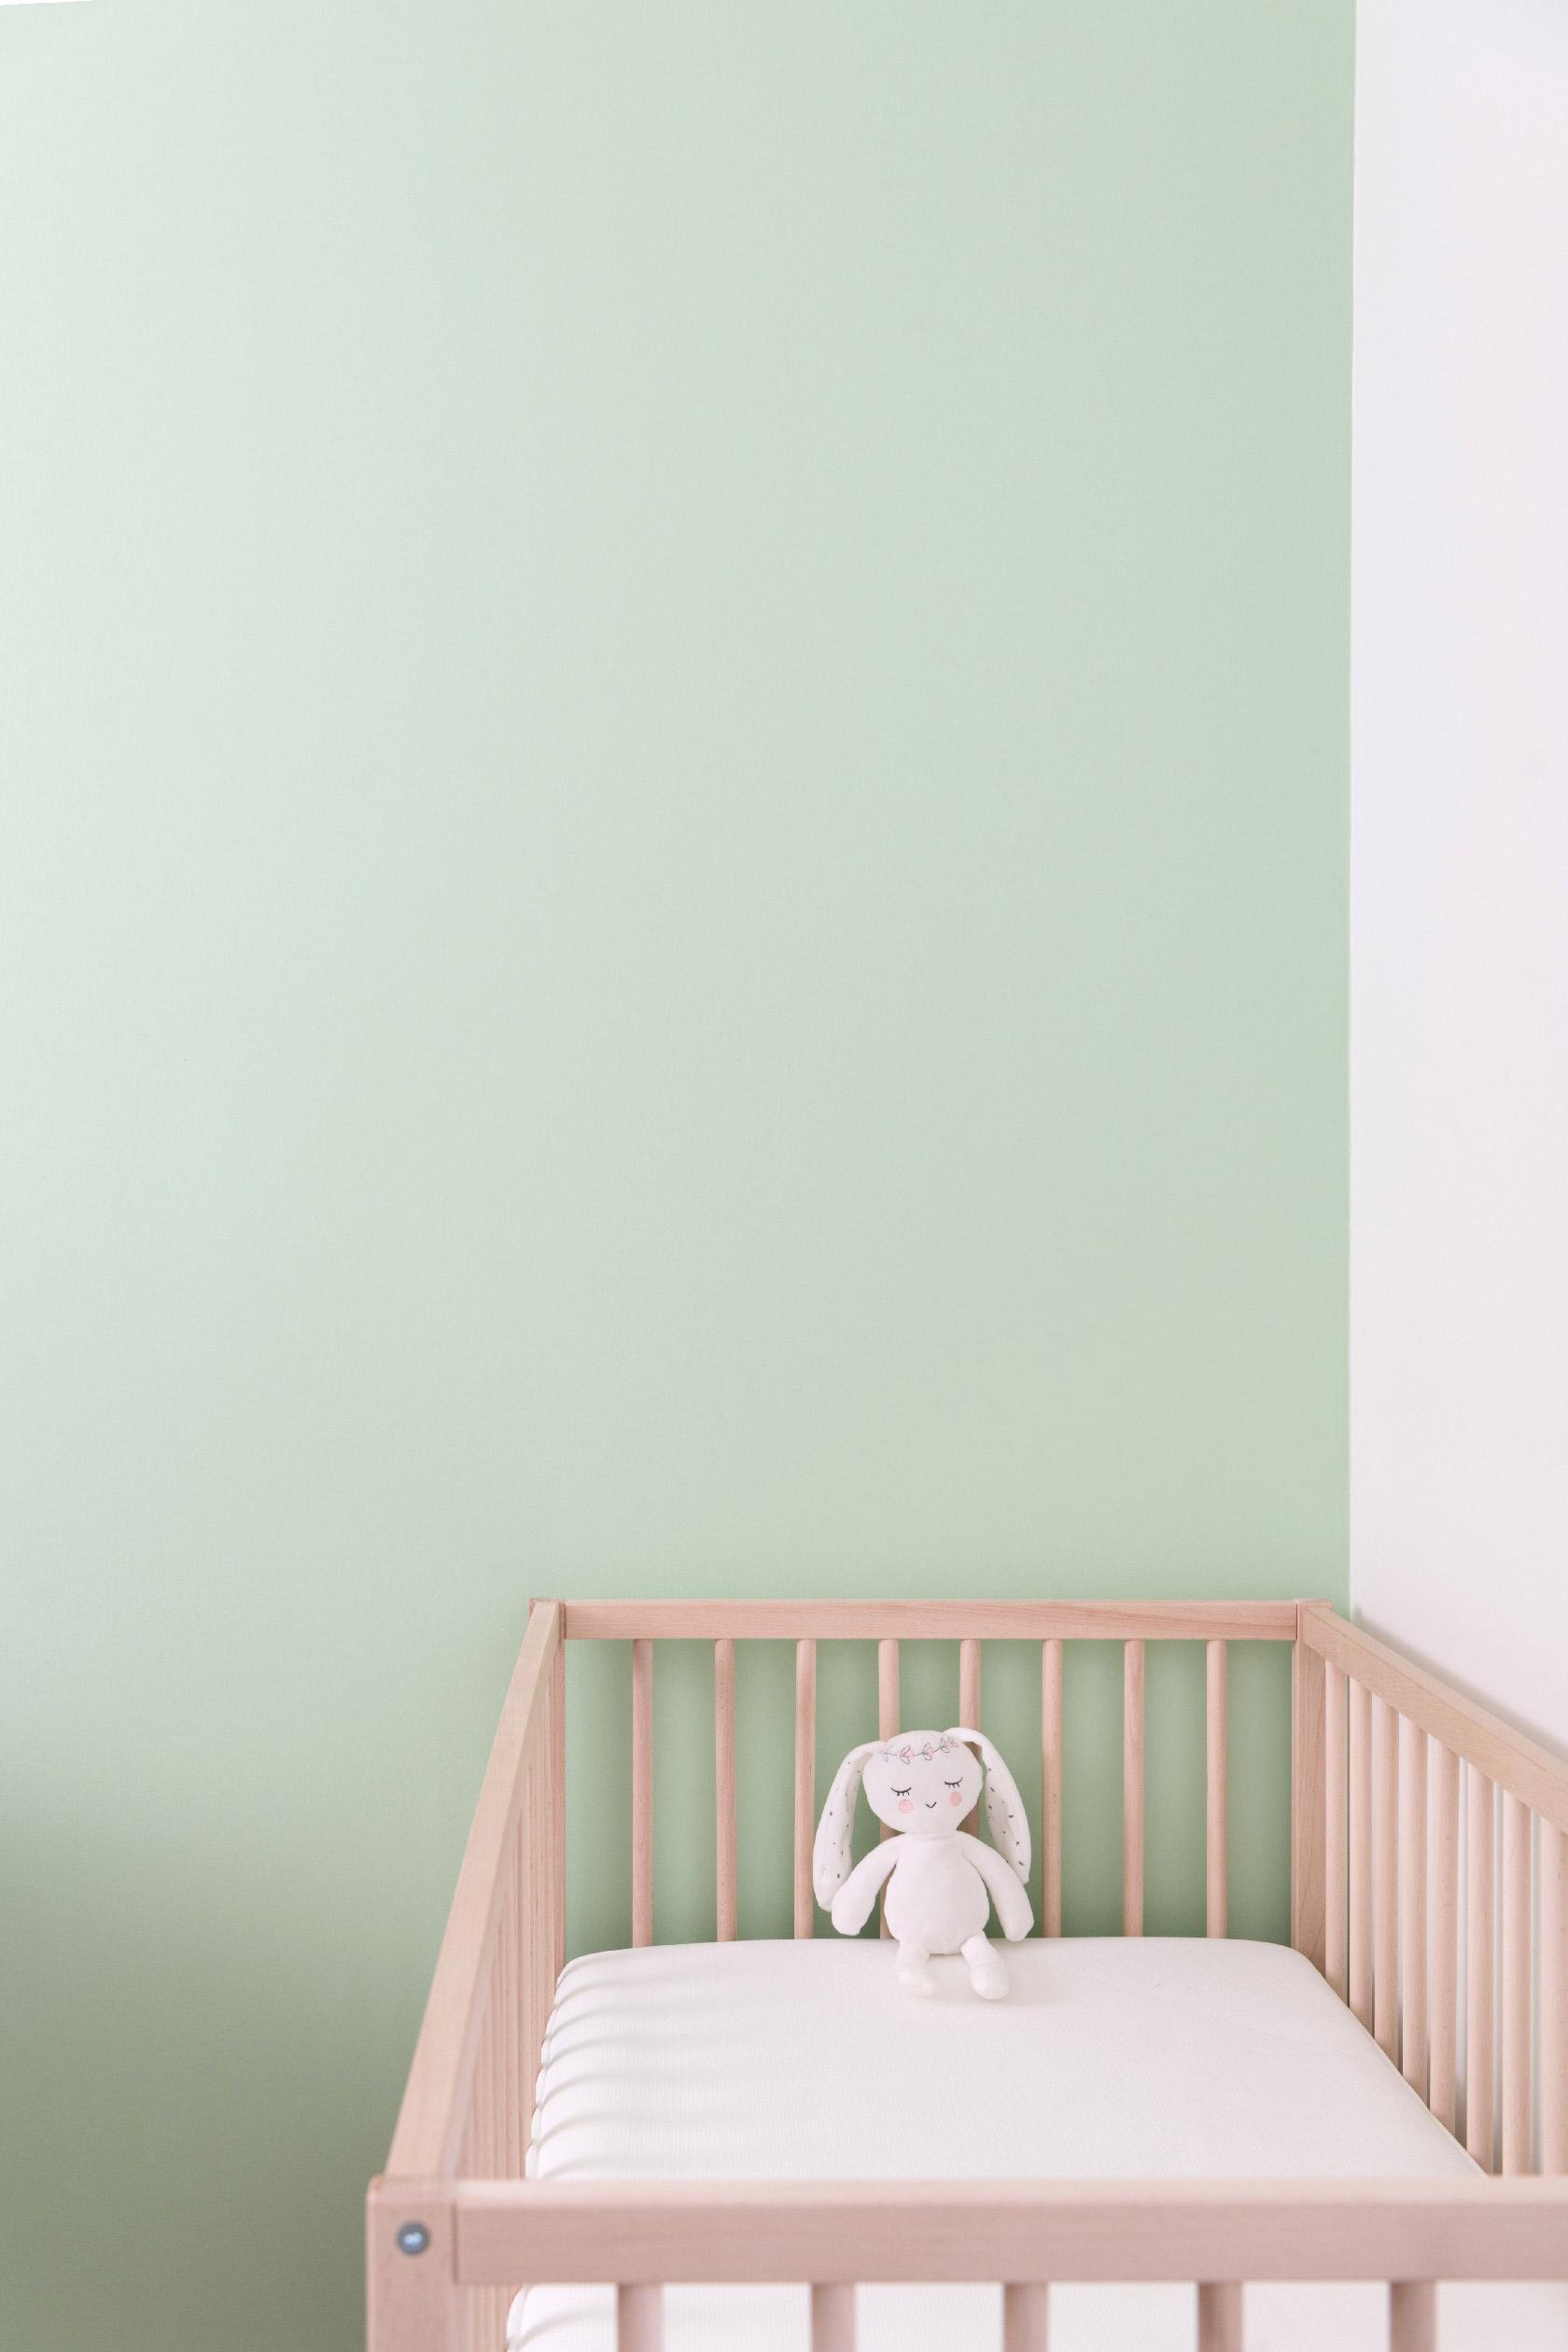 Un lit de bébé en bois clair est positionné devant un mur vert pastel.